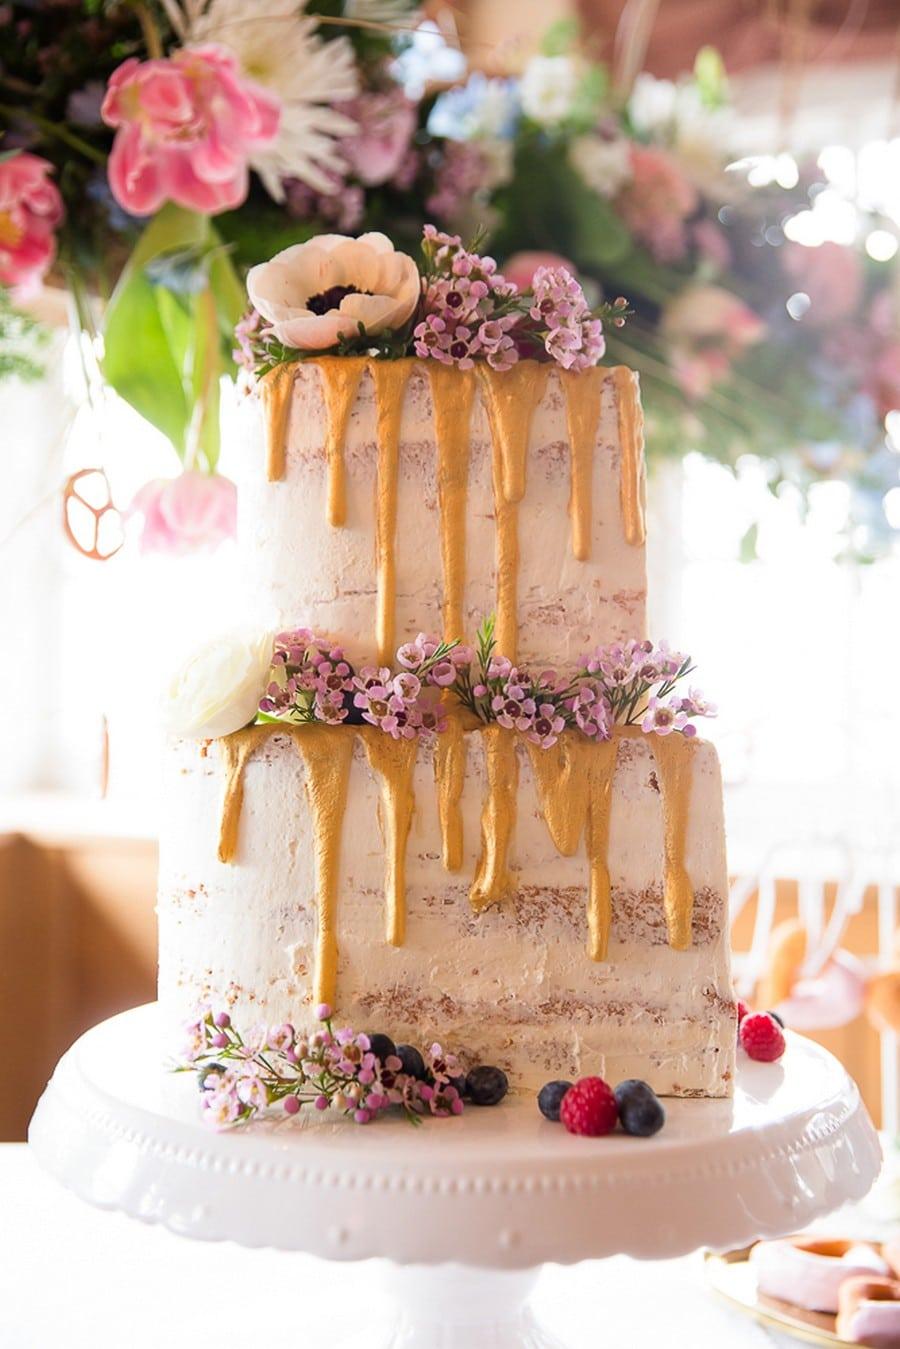 Ausgefallene Hochzeitstorte im naked cake Stil in weiß mit lila Schleierkraut und gelbem herablaufenden Zuckerguss